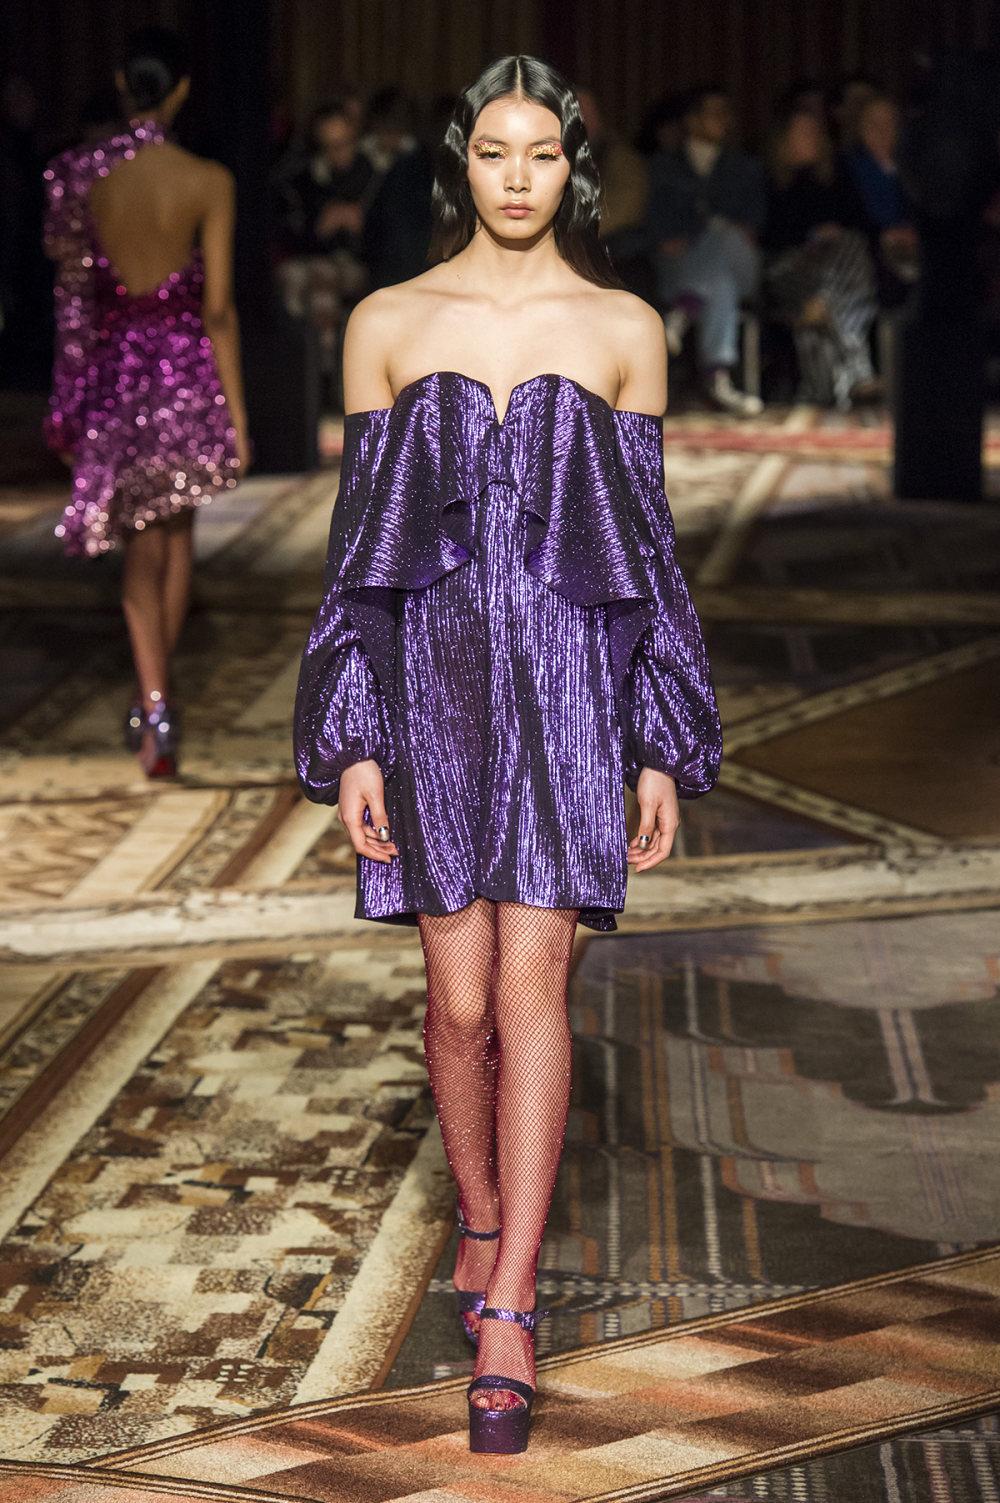 Halpern时装系列将幻想印花应用于宽大的缎面外套展示垂褶技巧-14.jpg